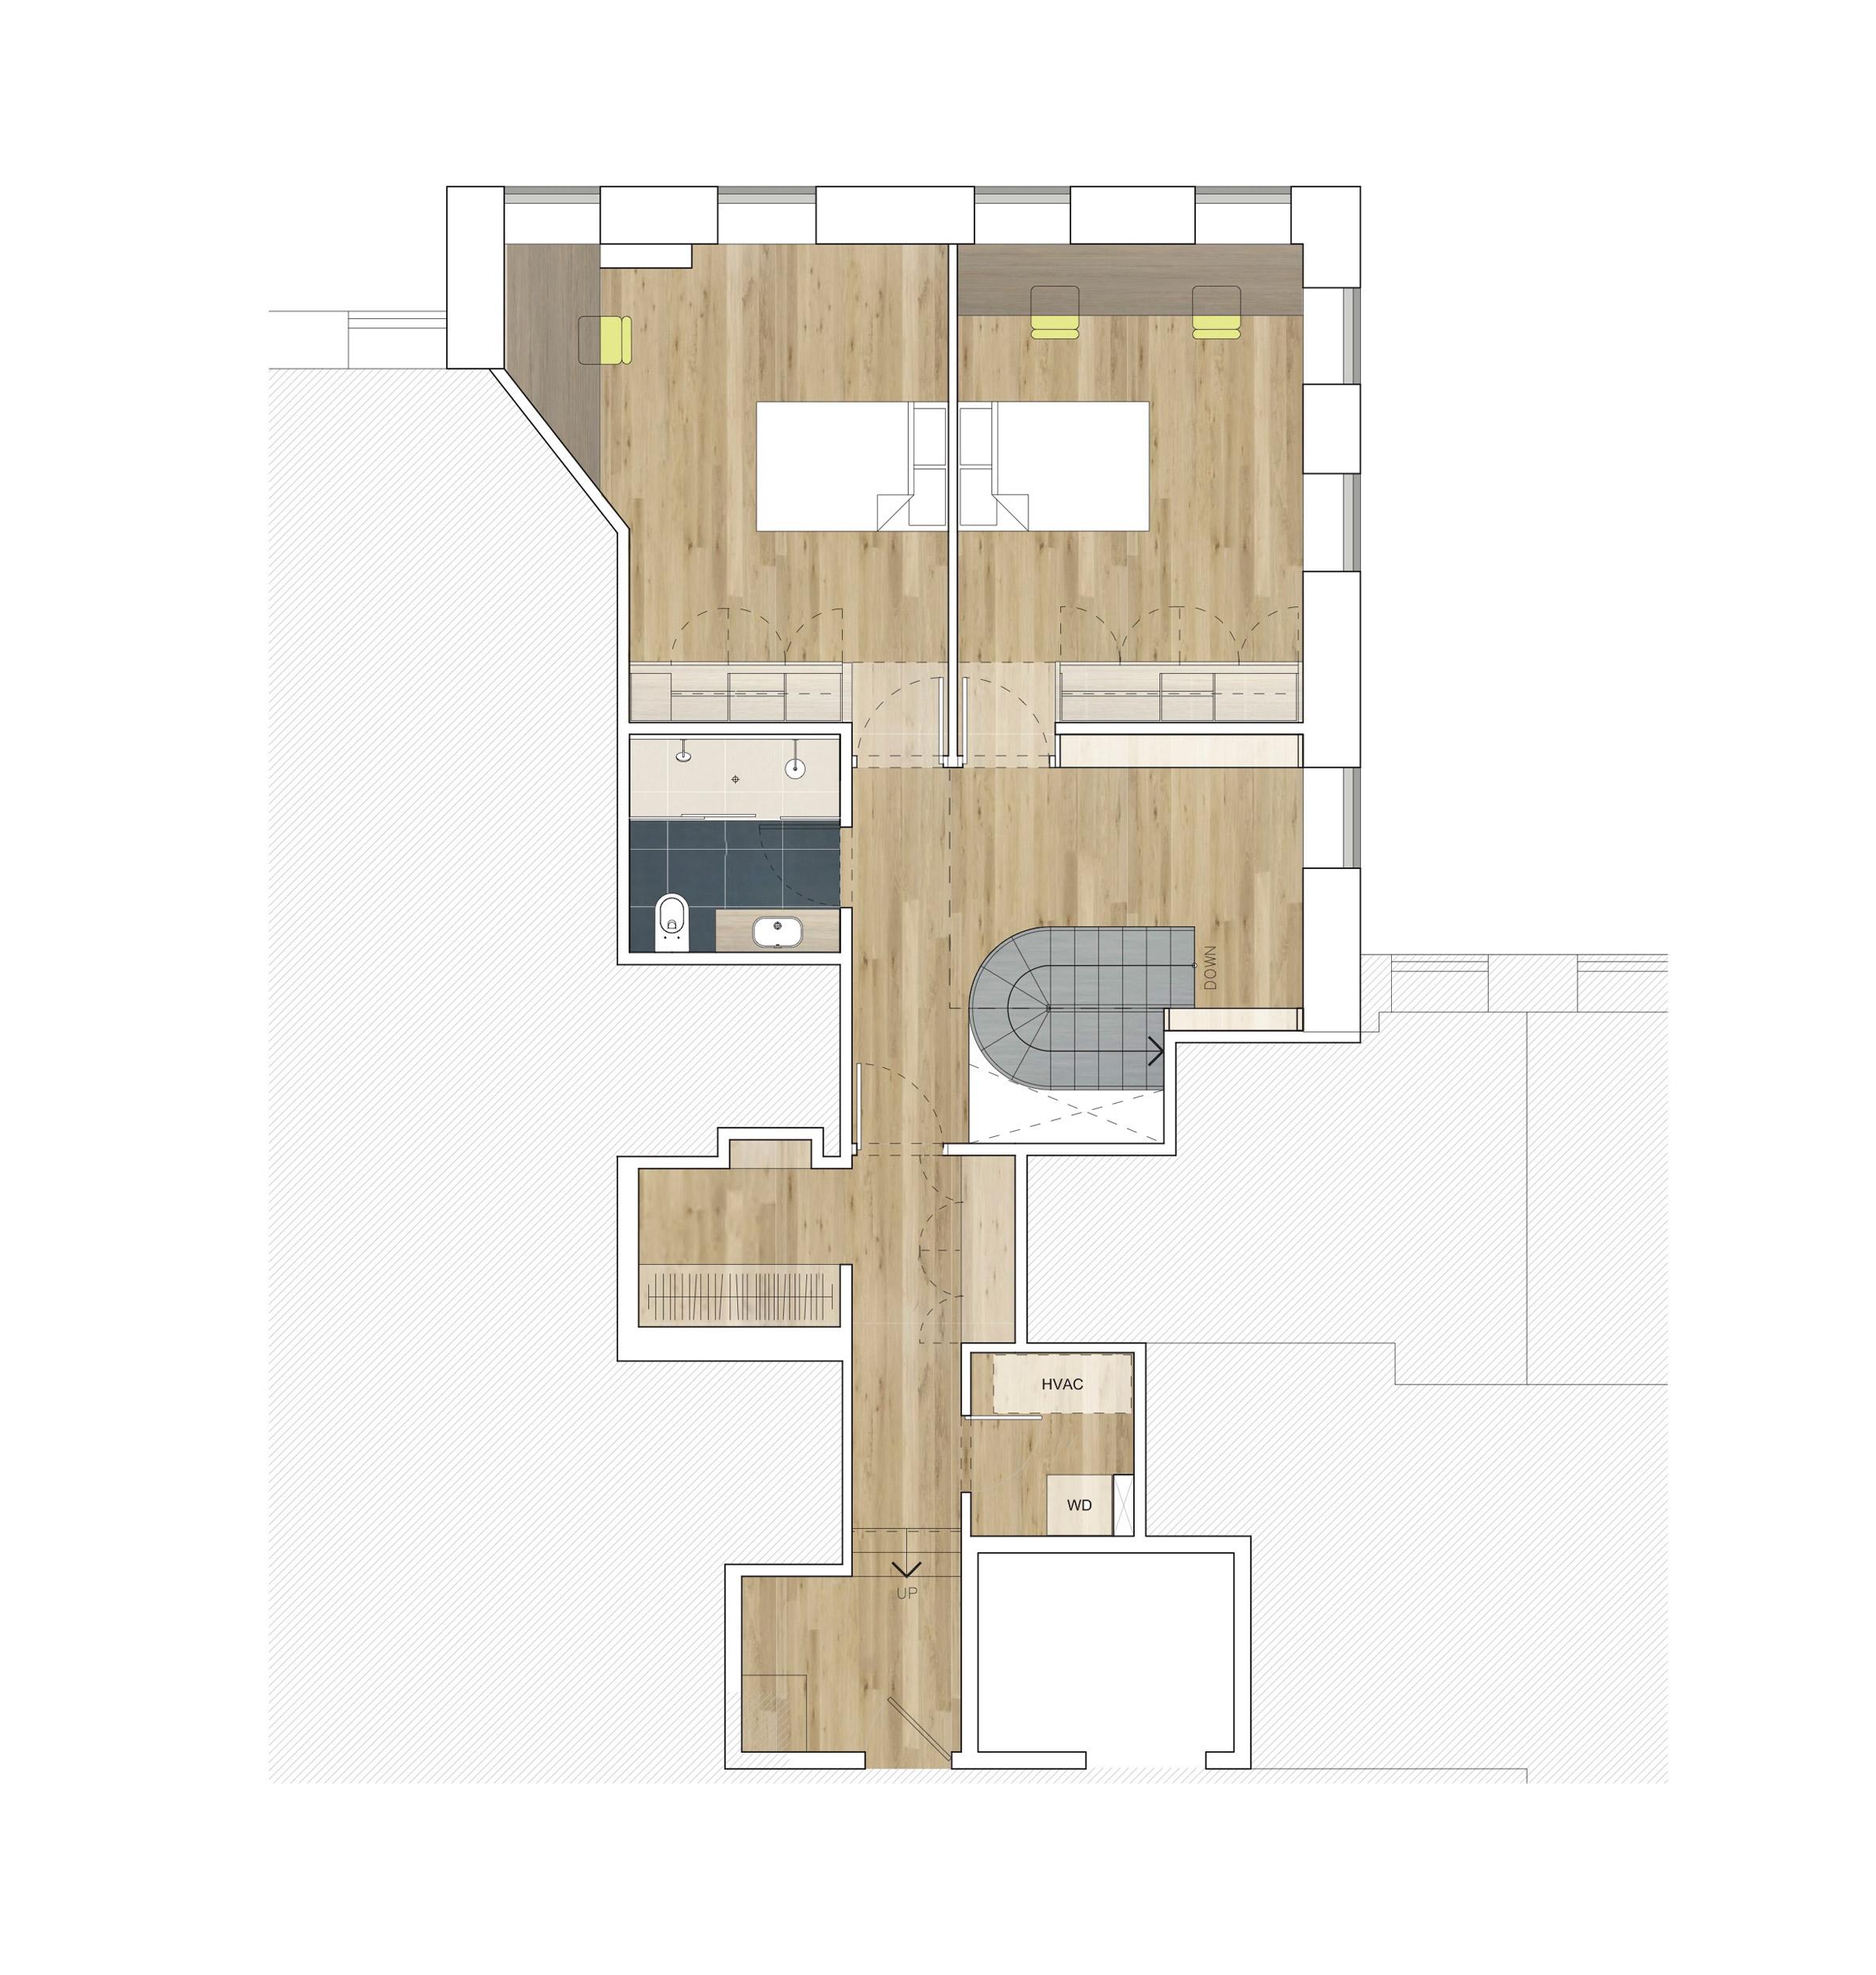 Trang trí phòng khách chung cư 10